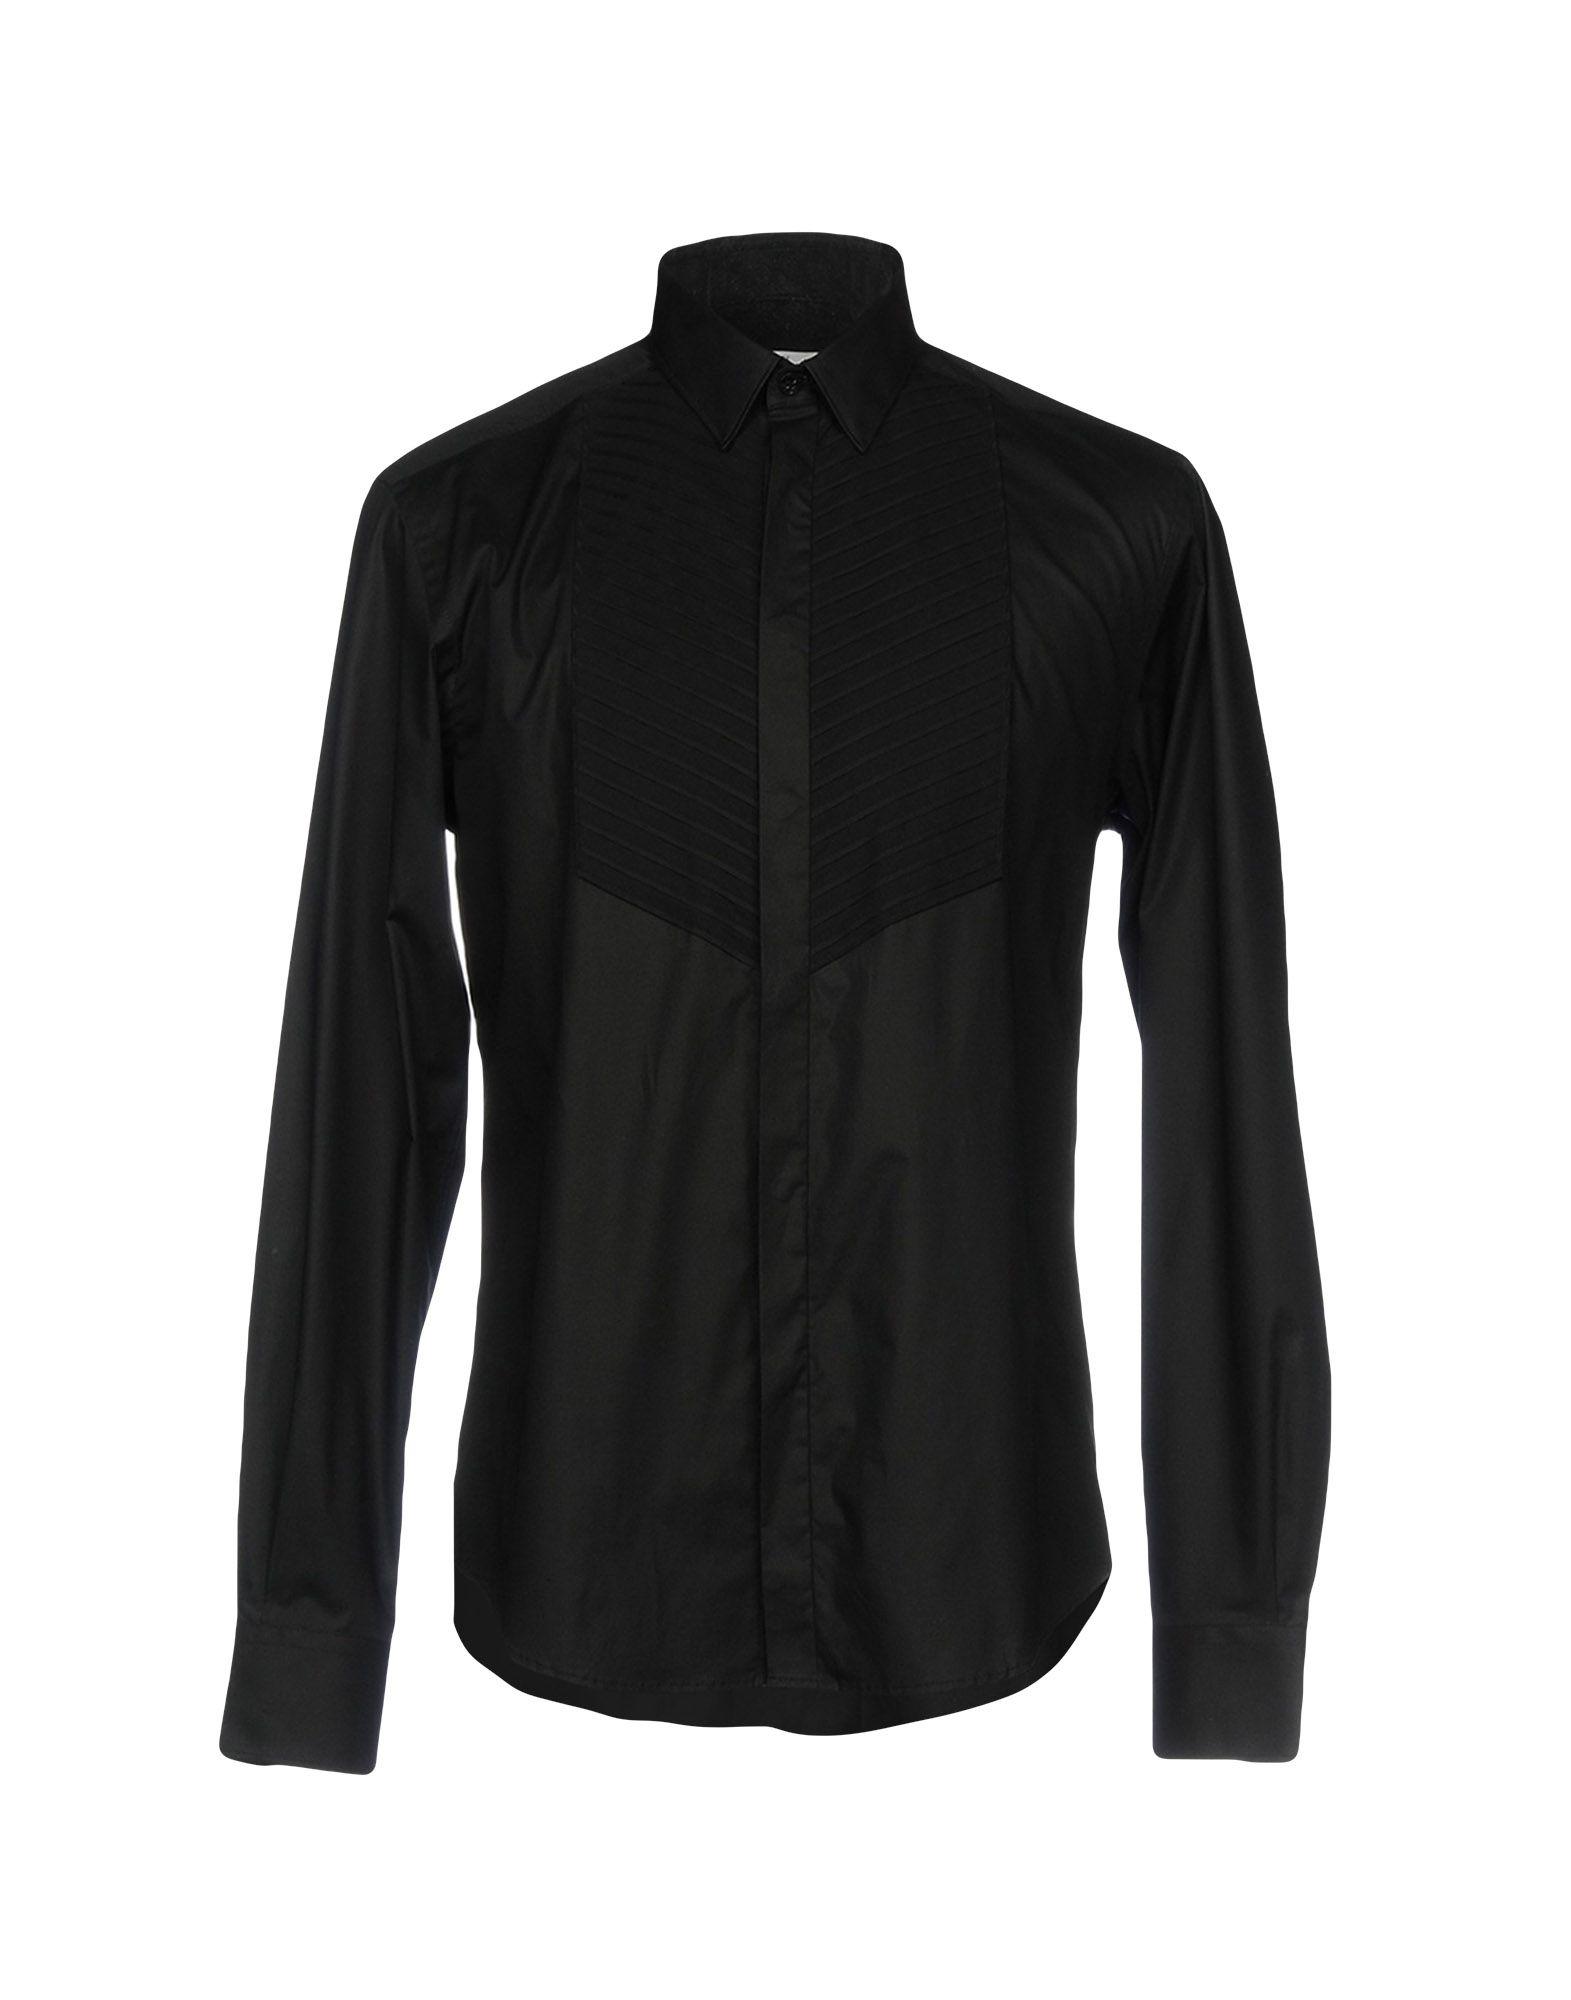 VERSACE COLLECTION Herren Hemd Farbe Schwarz Größe 5